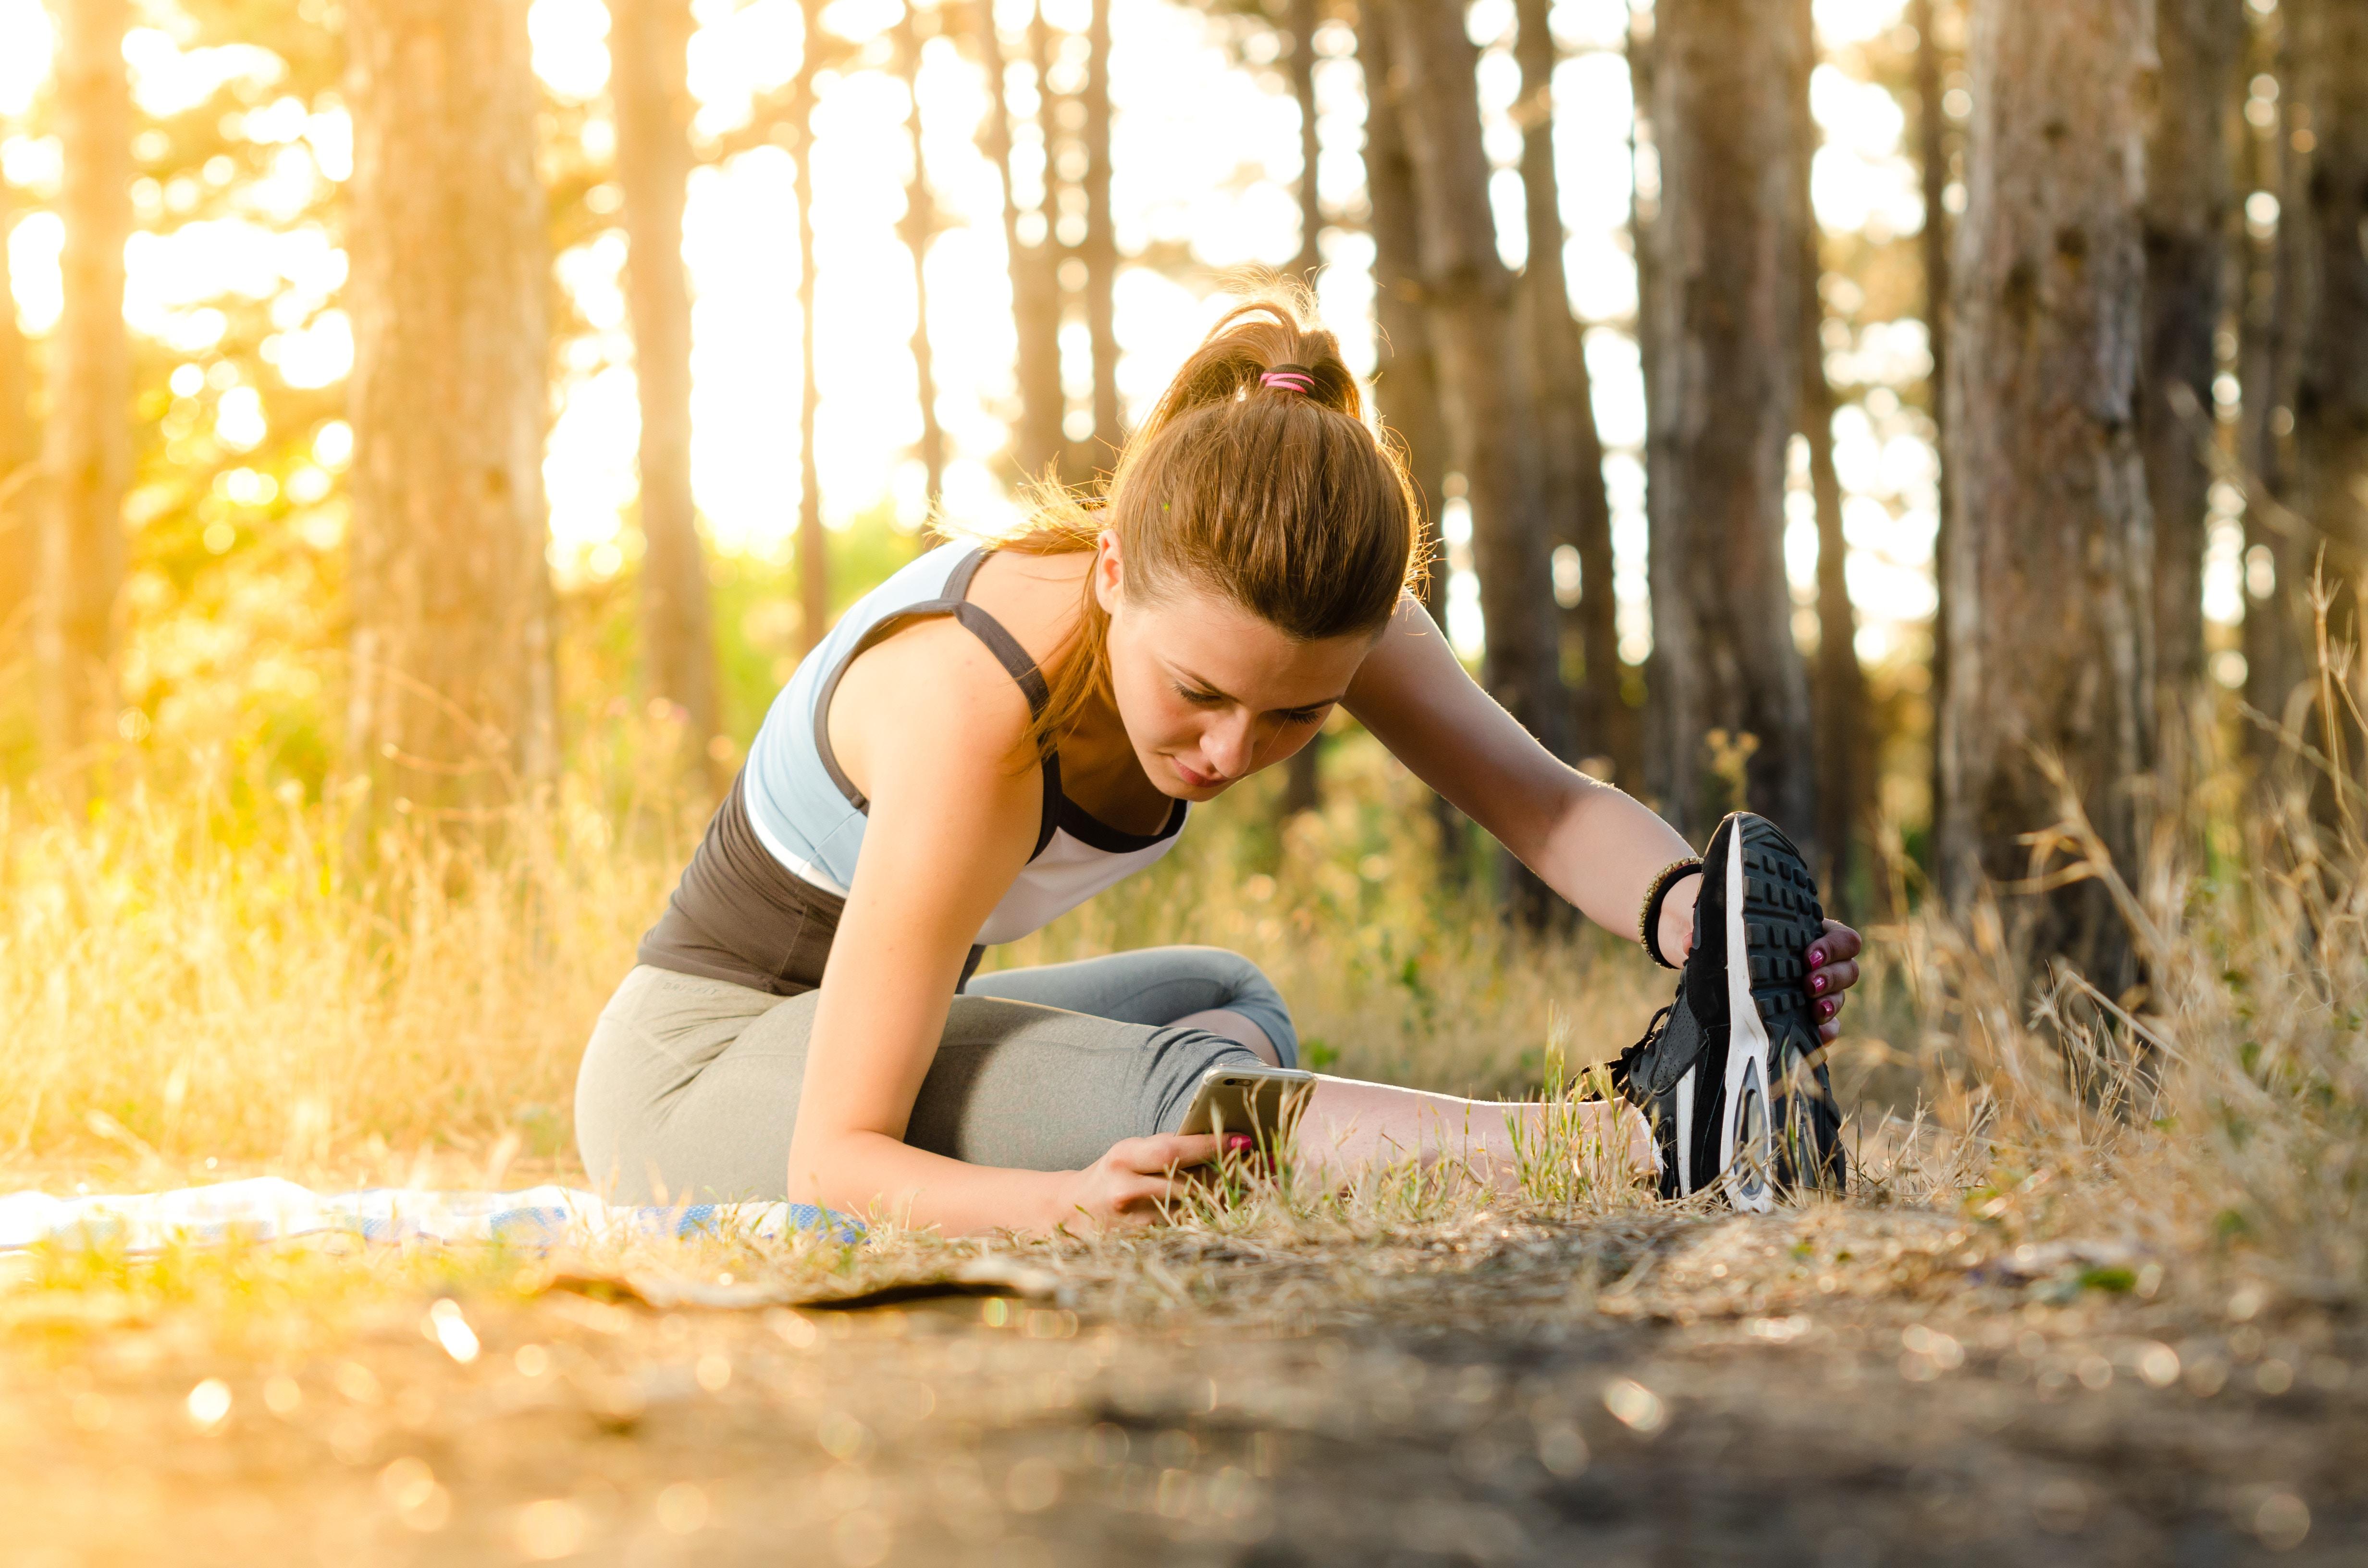 Persönlichkeitstest Fitness Sport Gesundheit Immunsystem